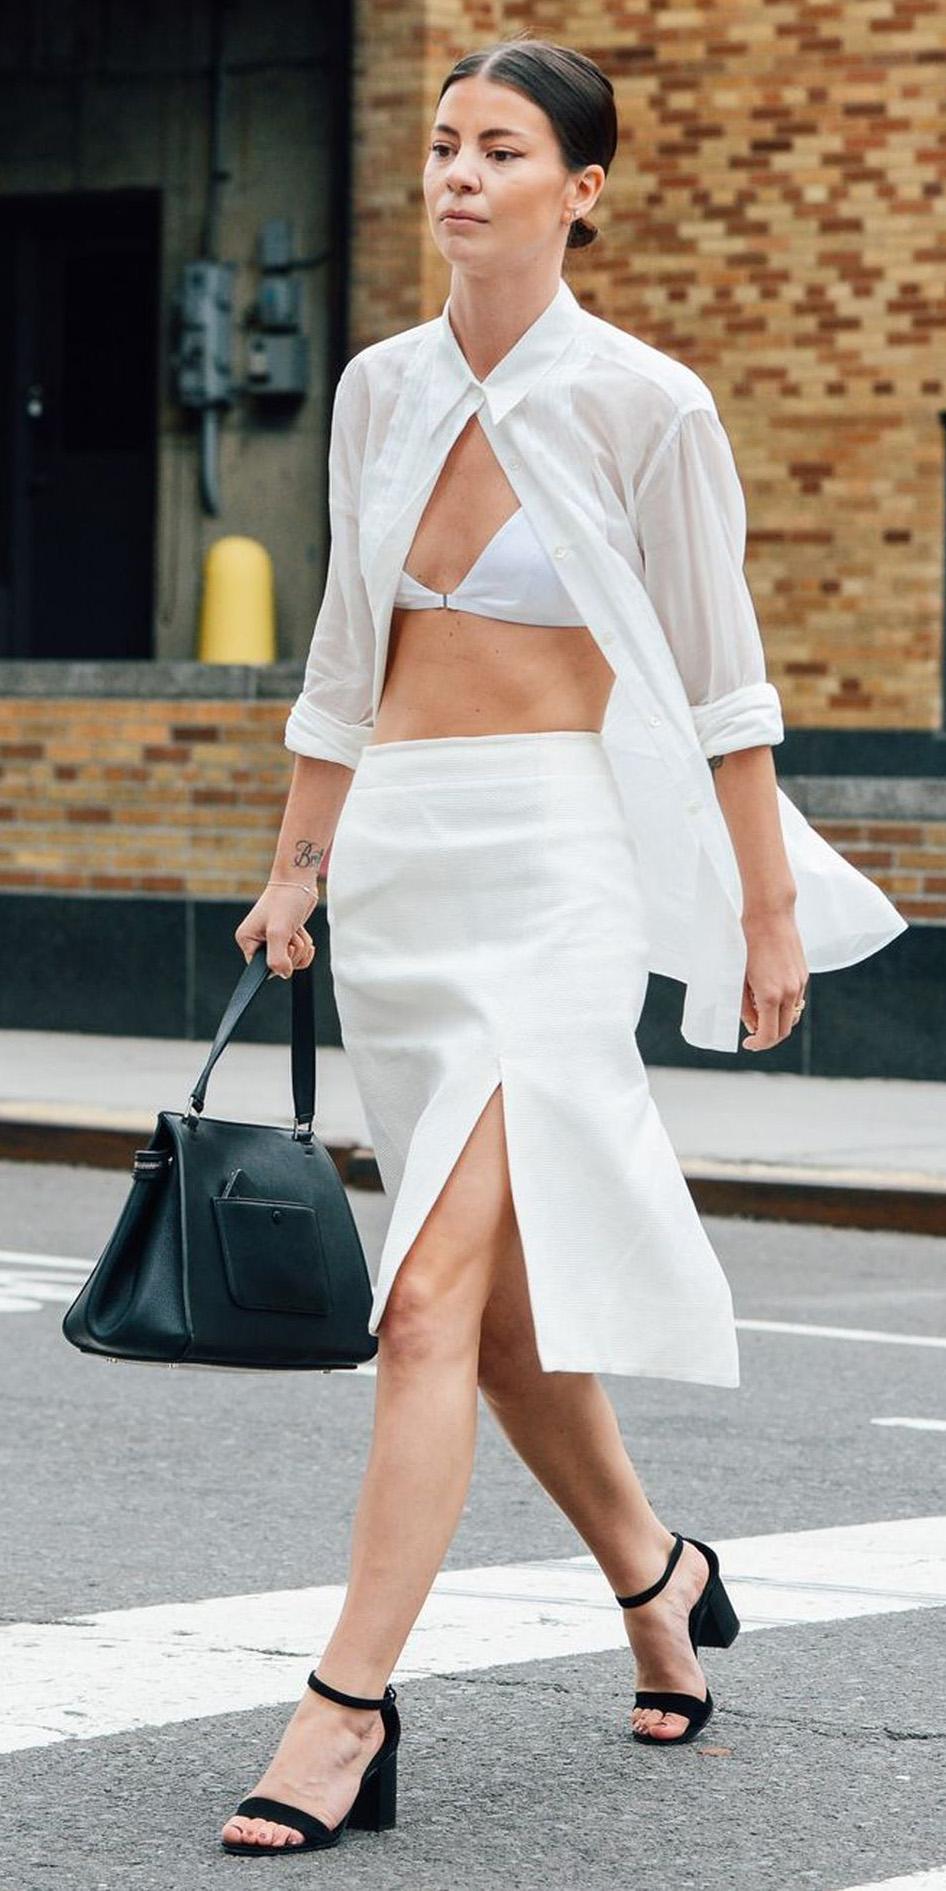 white-midi-skirt-white-bralette-black-bag-black-shoe-sandalh-bun-open-white-collared-shirt-spring-summer-hairr-lunch.jpg